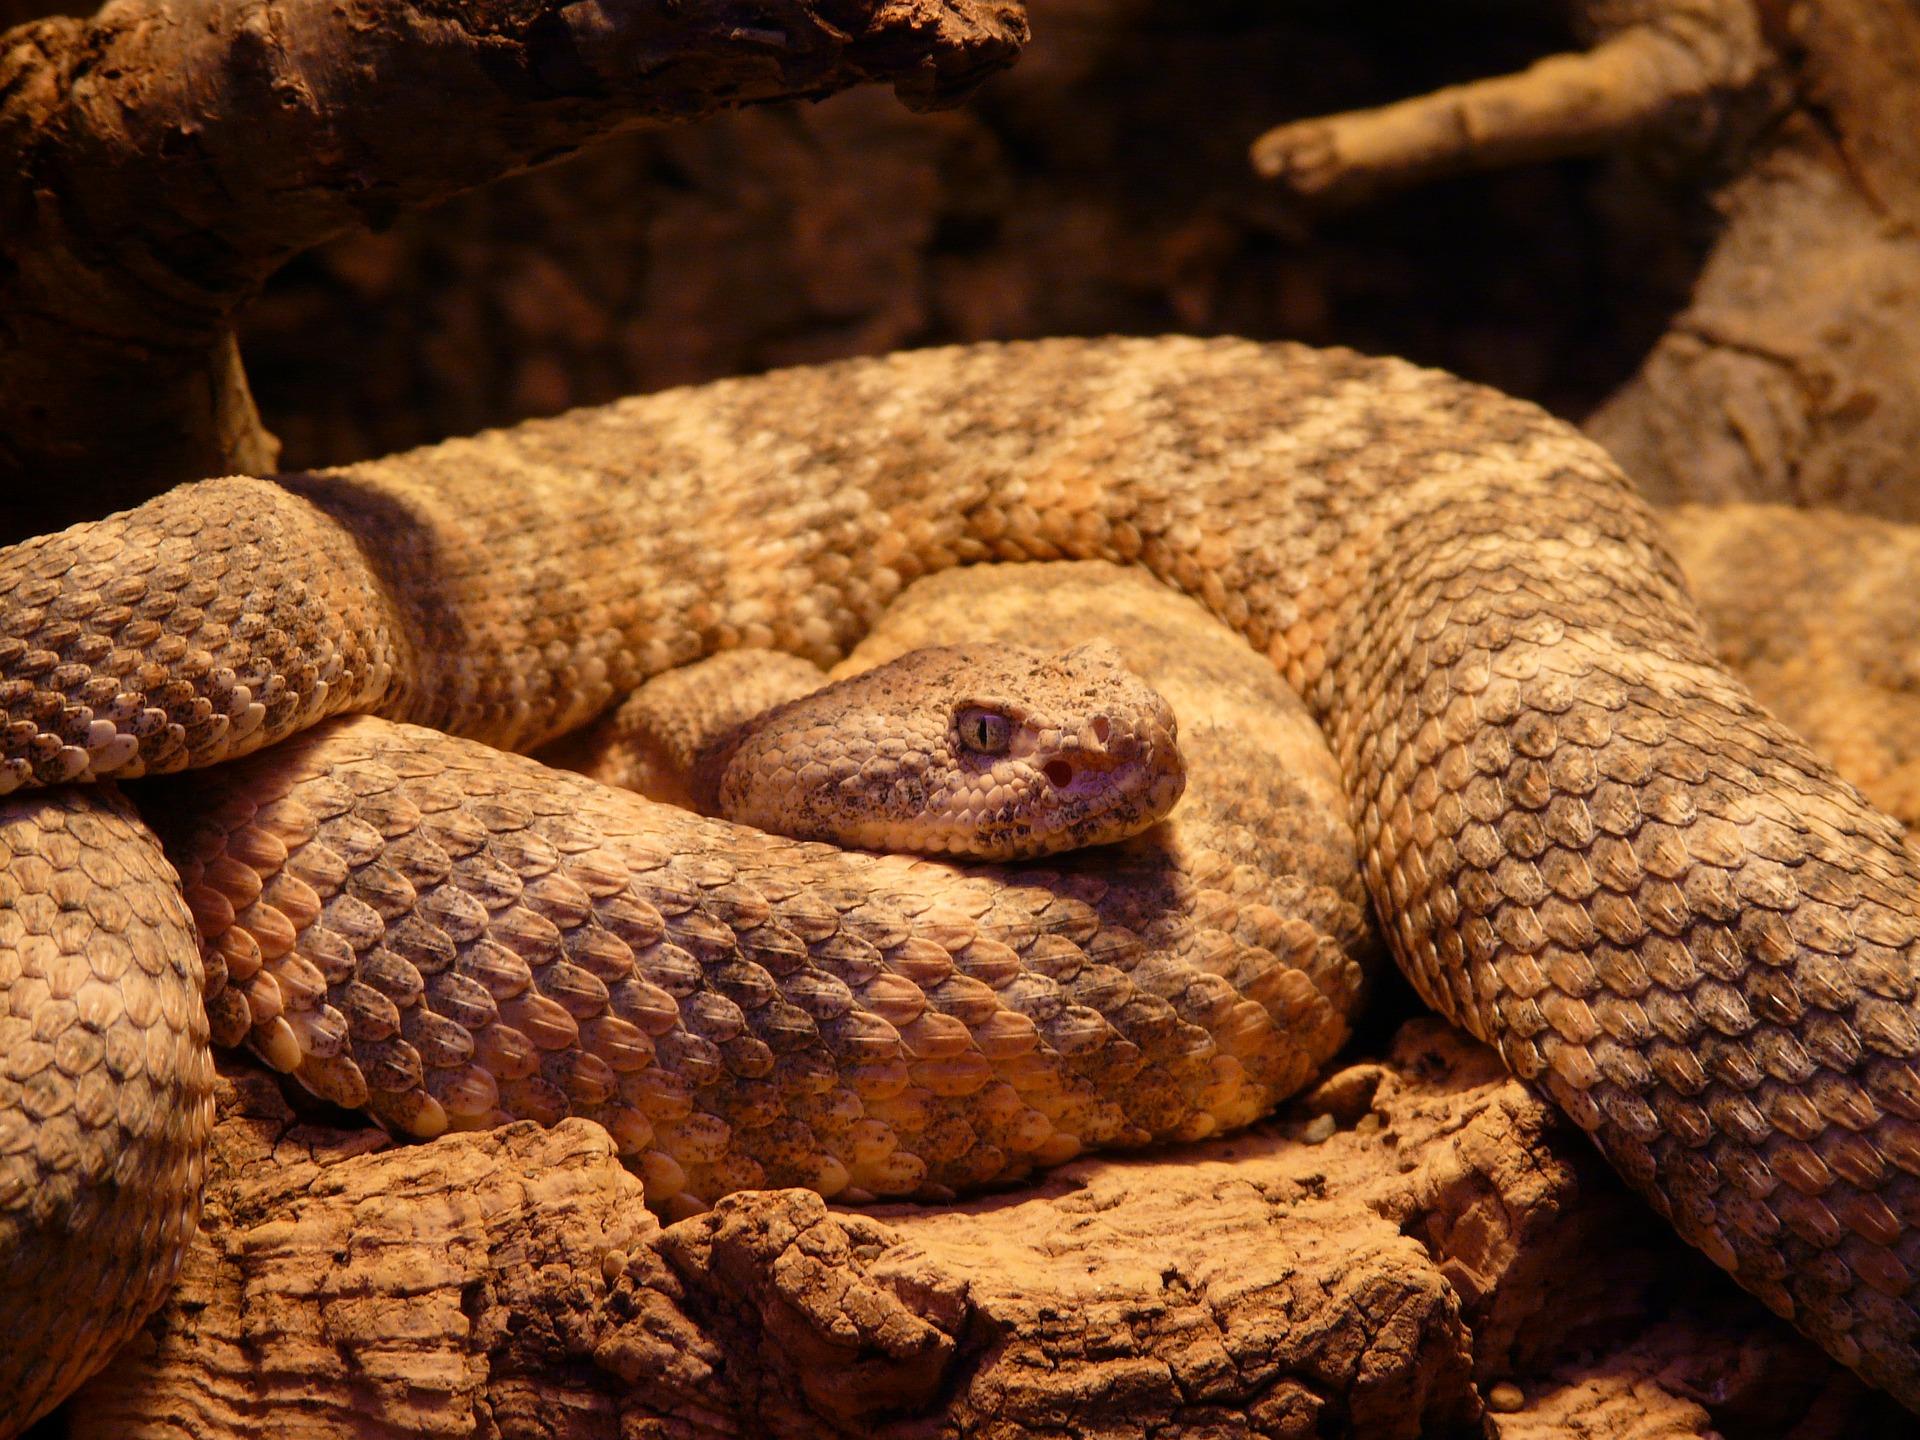 spotted-rattlesnake-54002_1920